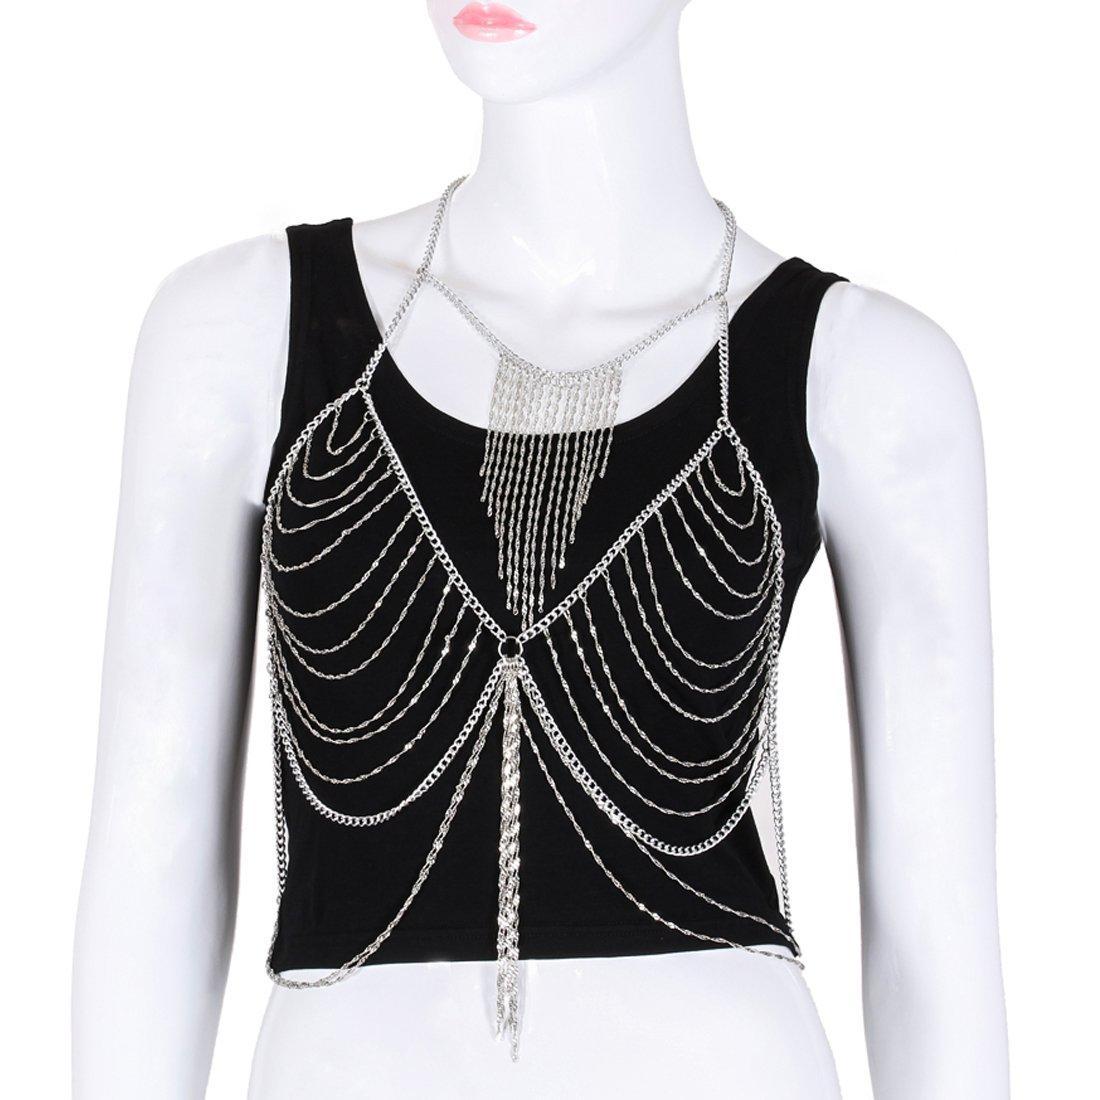 Fine Fashion Boderier Retro Bikini Bralette Chain Harness Necklace Crossover Body Chain For Women Statement Jewelry (Silver)